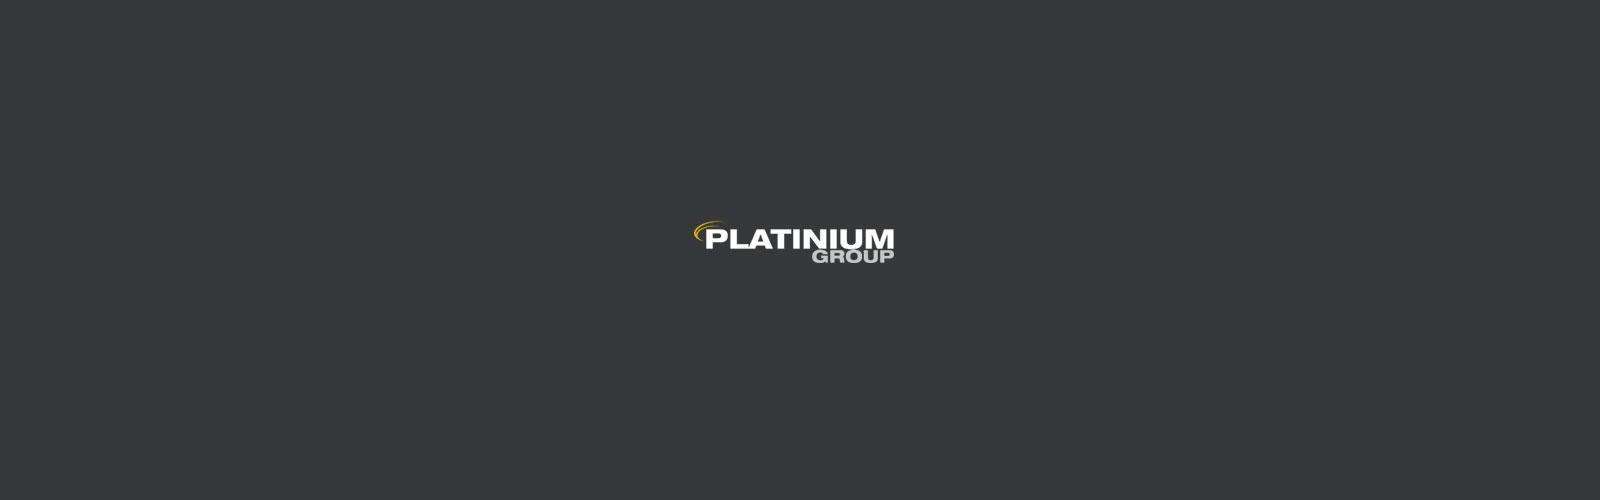 platinium-group